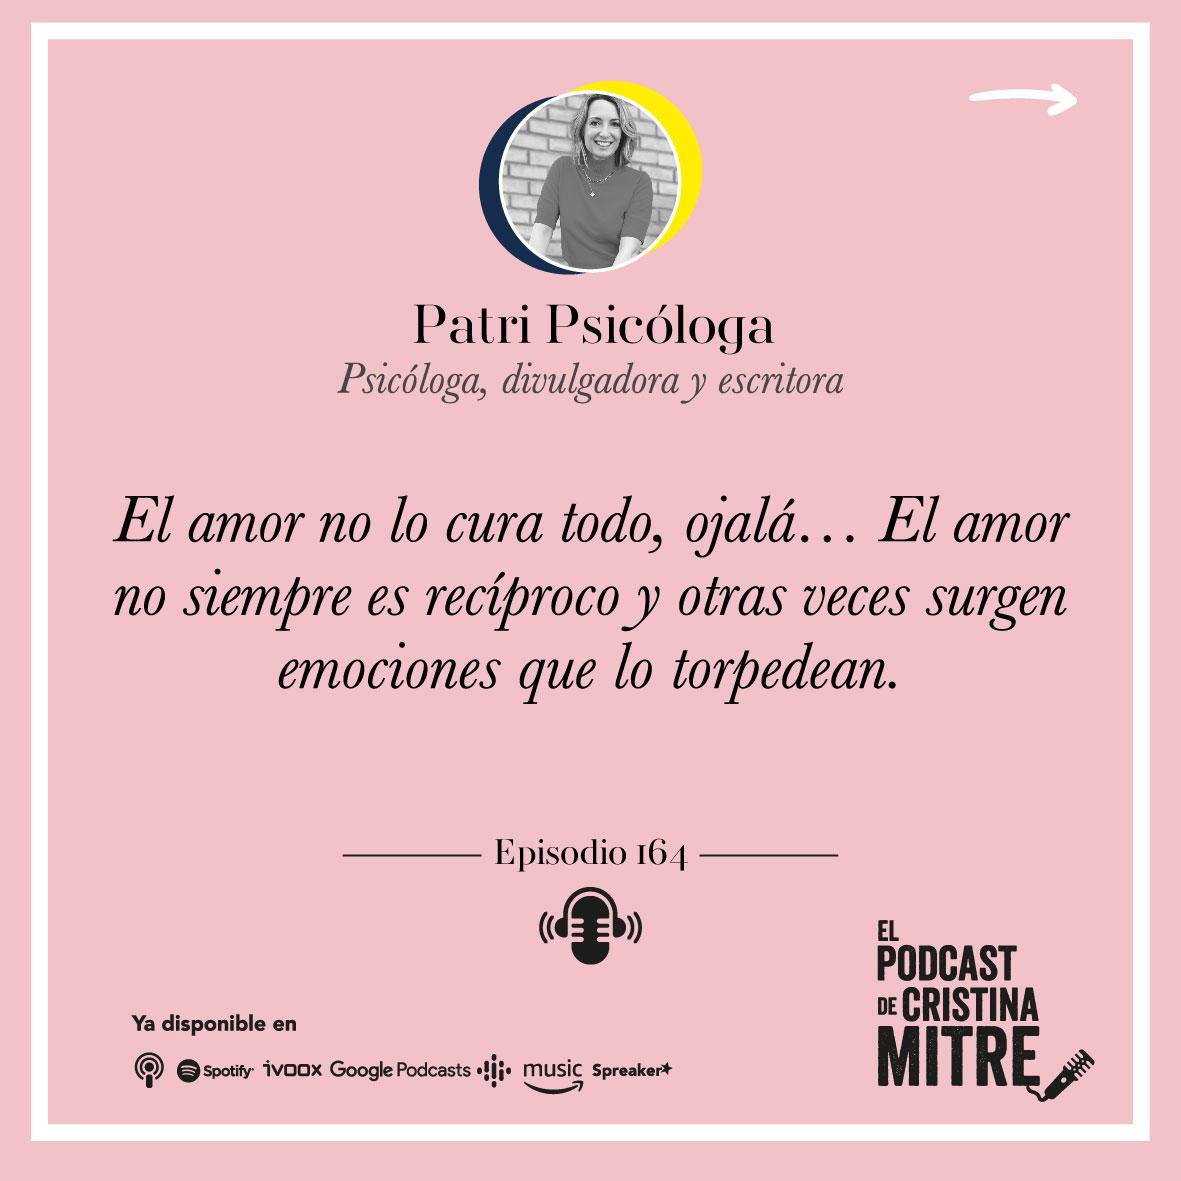 Patri Psicóloga amor emociones Cristina Mitre